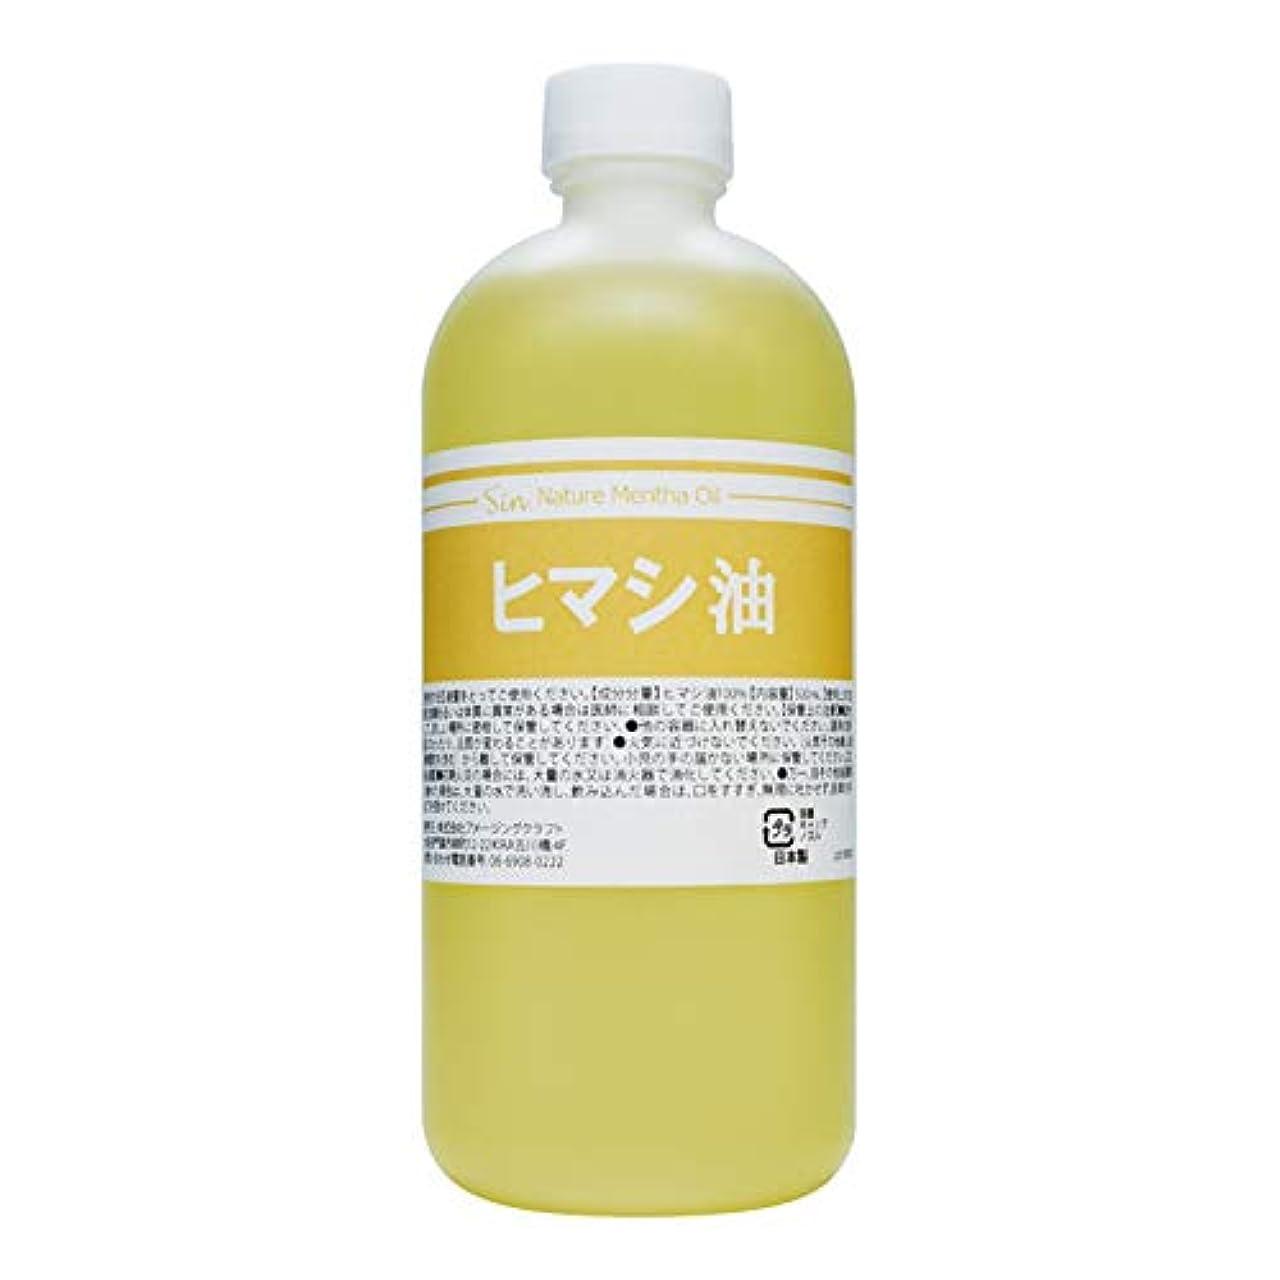 投資展開するフィッティング天然無添加 国内精製 ひまし油 500ml (ヒマシ油 キャスターオイル)